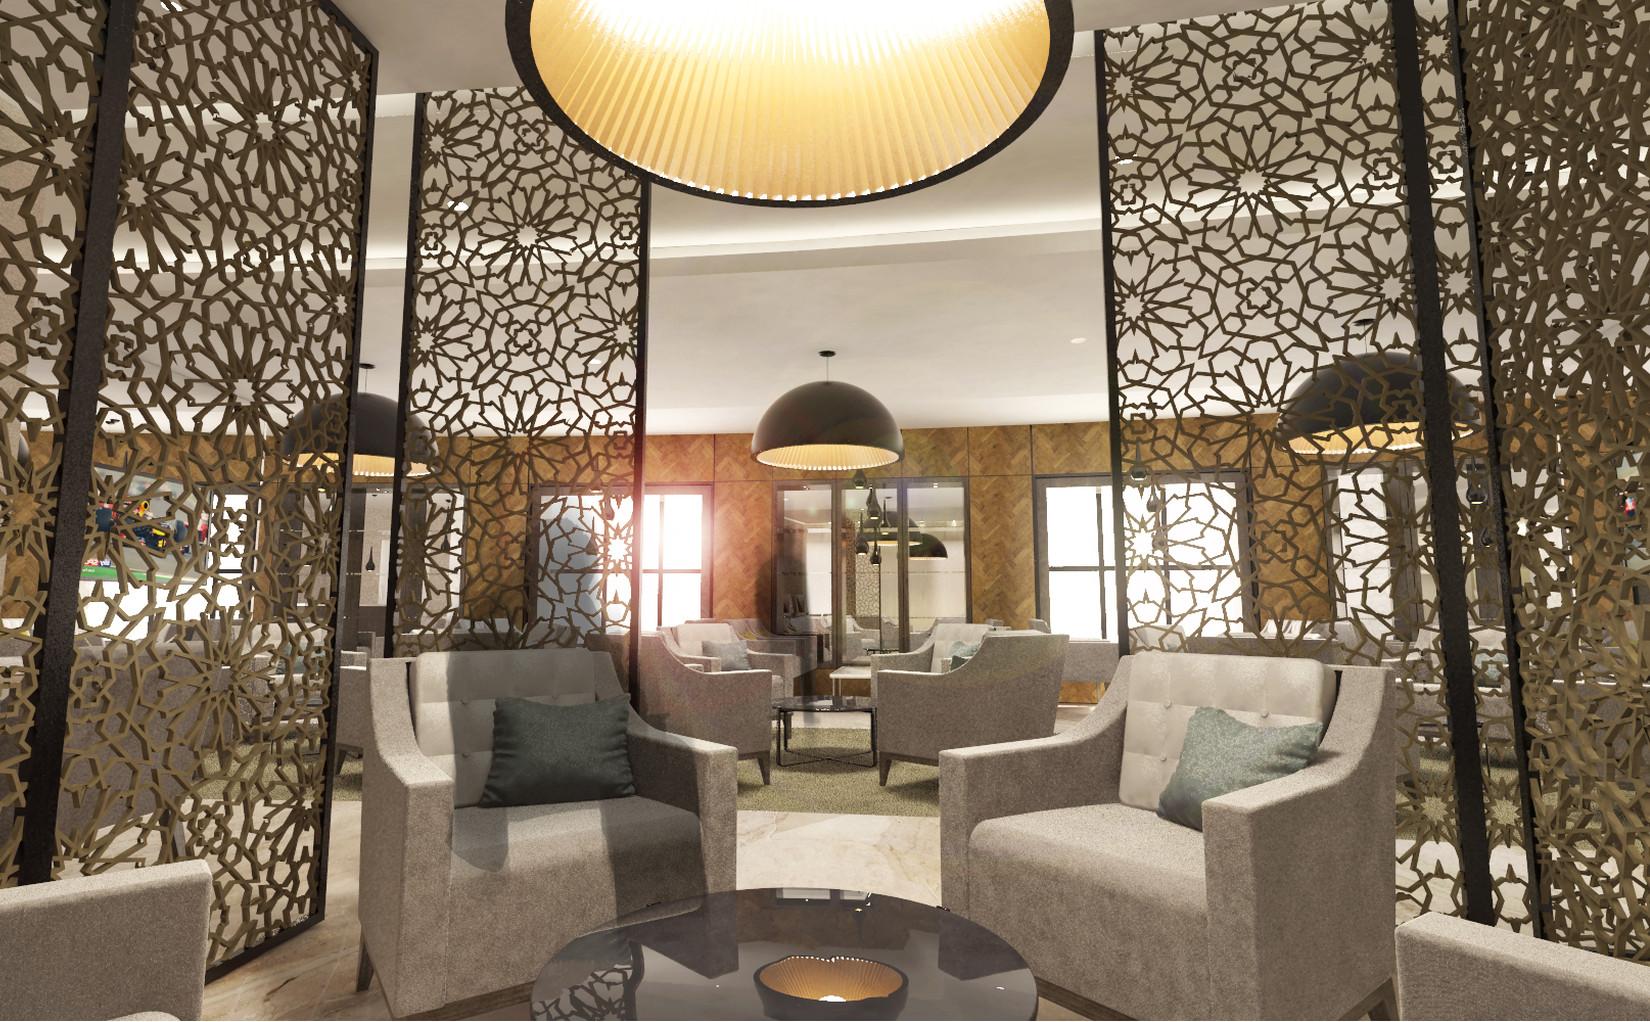 Hilton Executive Lounge Within Private Area